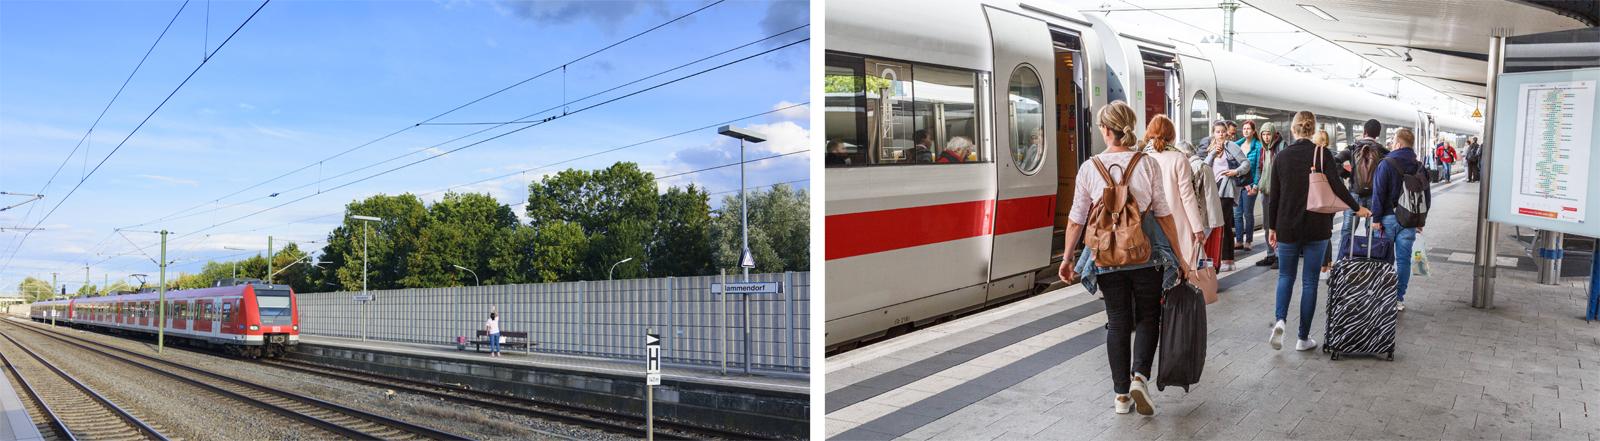 Bahnreisende Ende August 2018 auf dem Bielefelder Hauptbahnhof